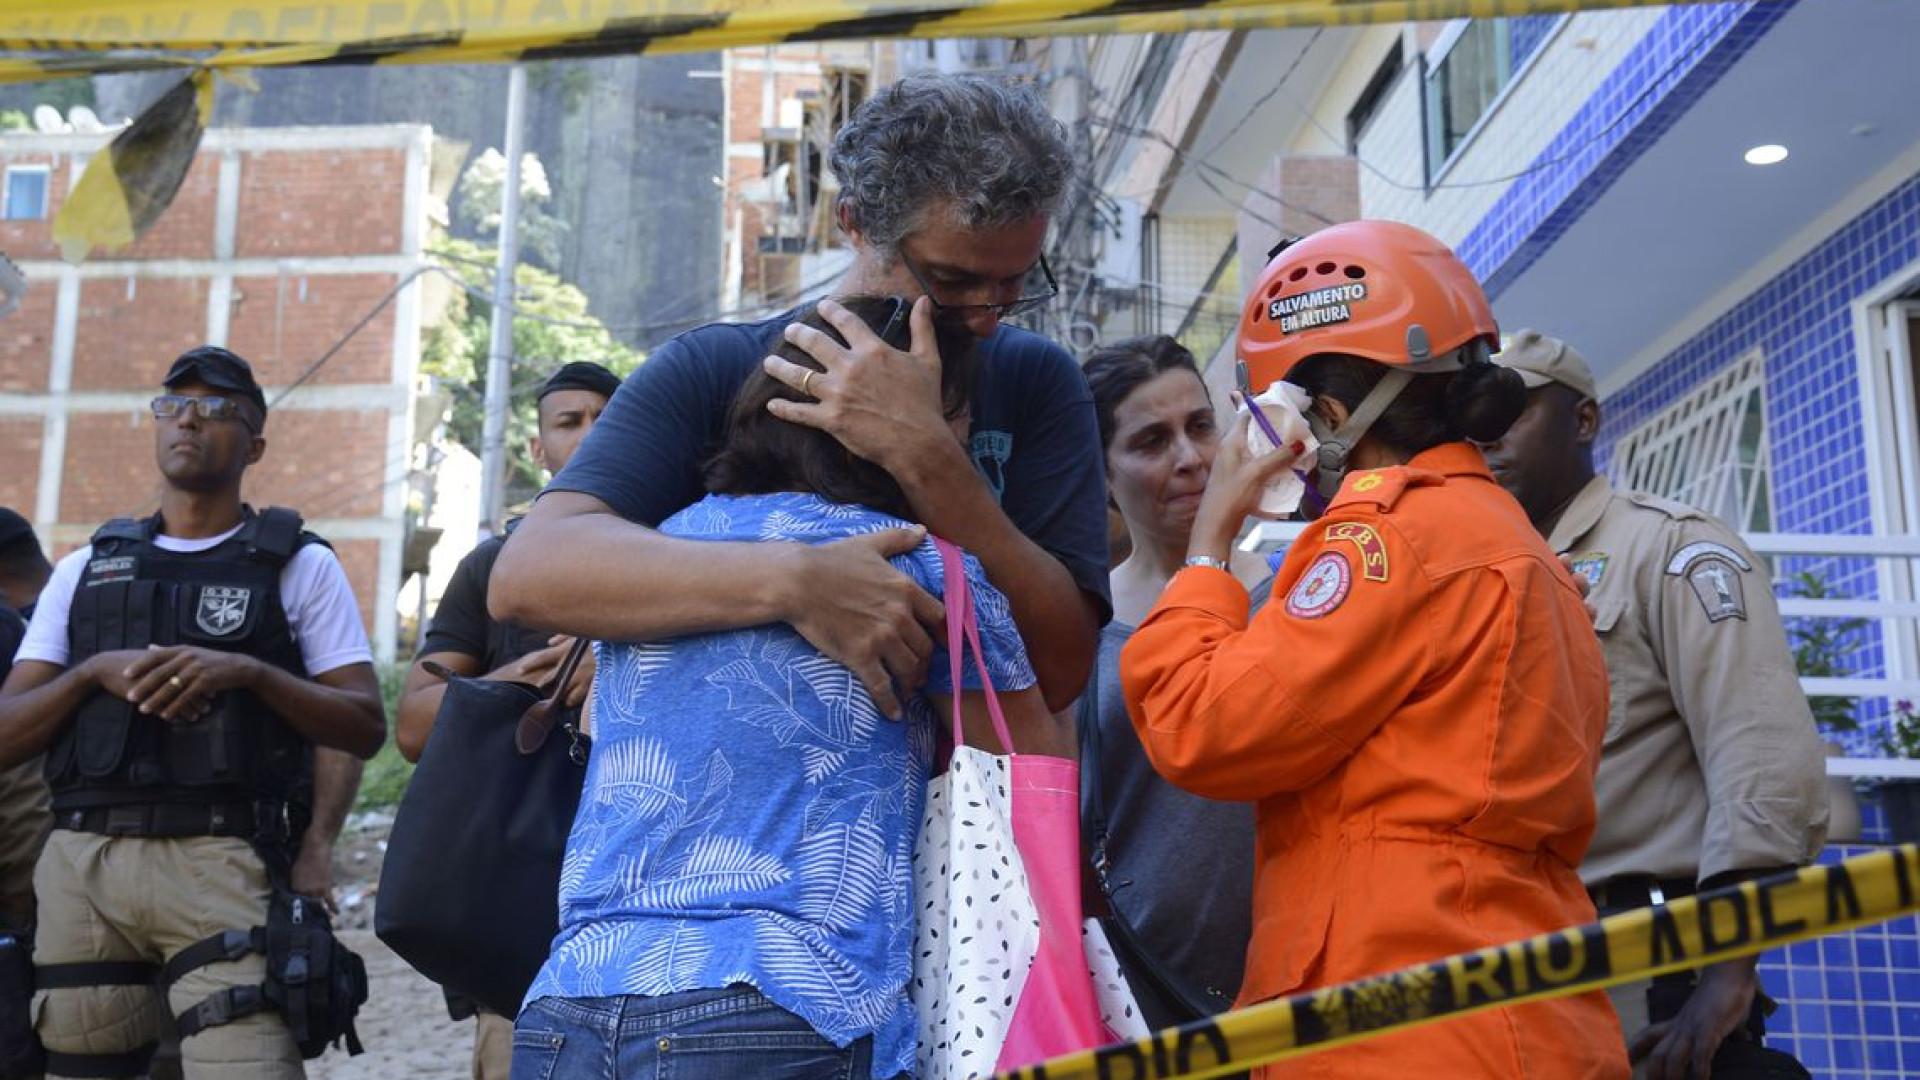 Sobe para 20 o número de mortos na comunidade da Muzema no Rio